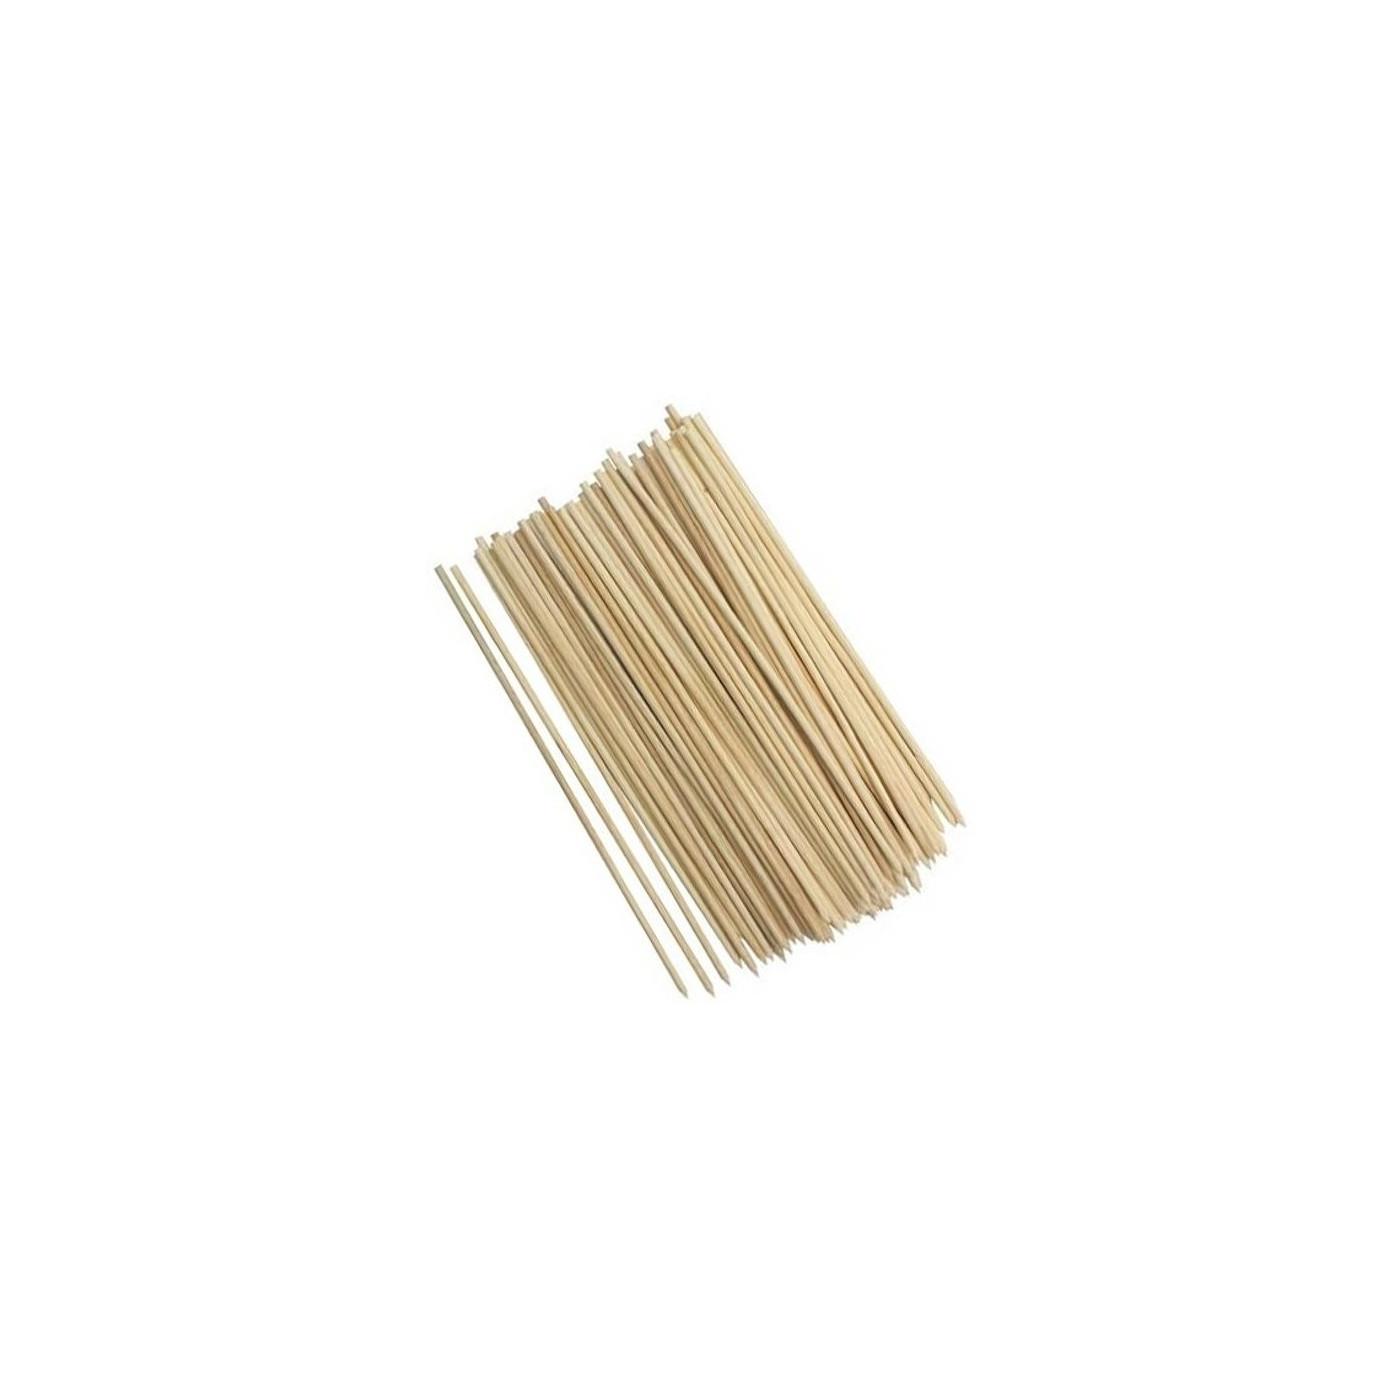 Set of 600 wooden skewers, 25 cm